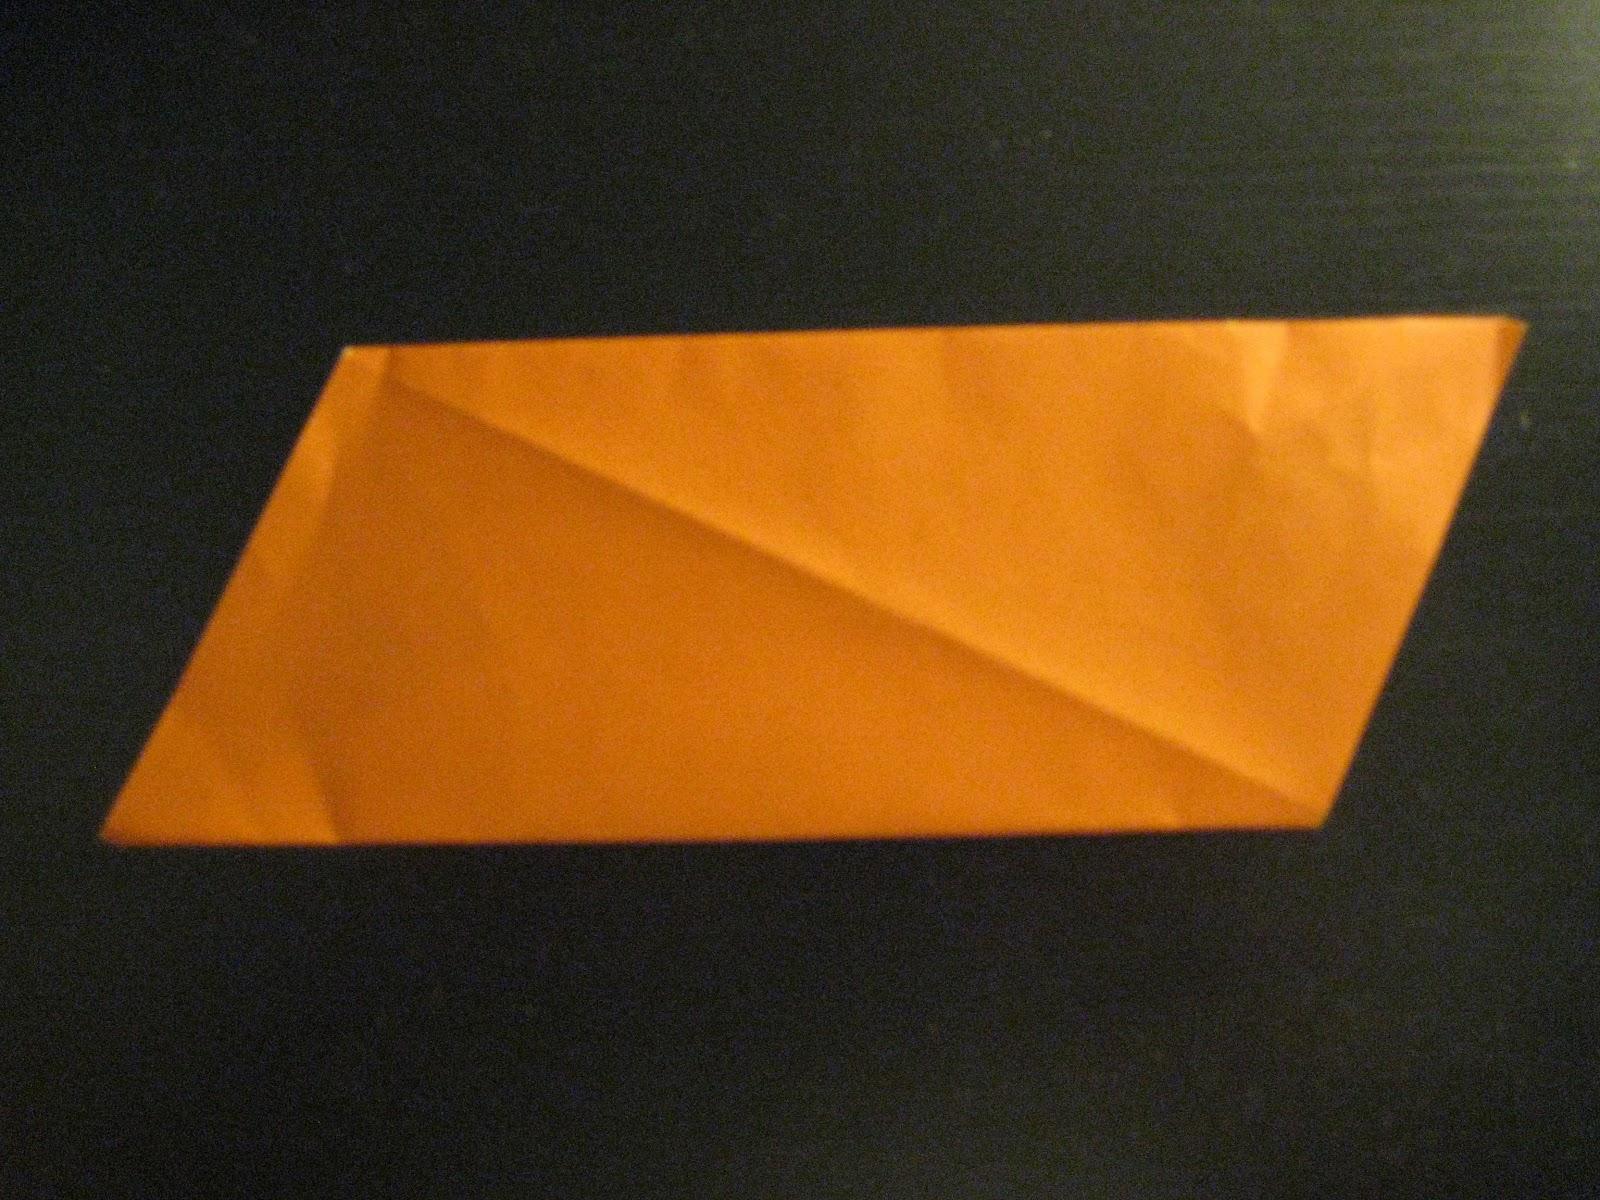 Real Life Isosceles Trapezoid | www.imgkid.com - The Image ...